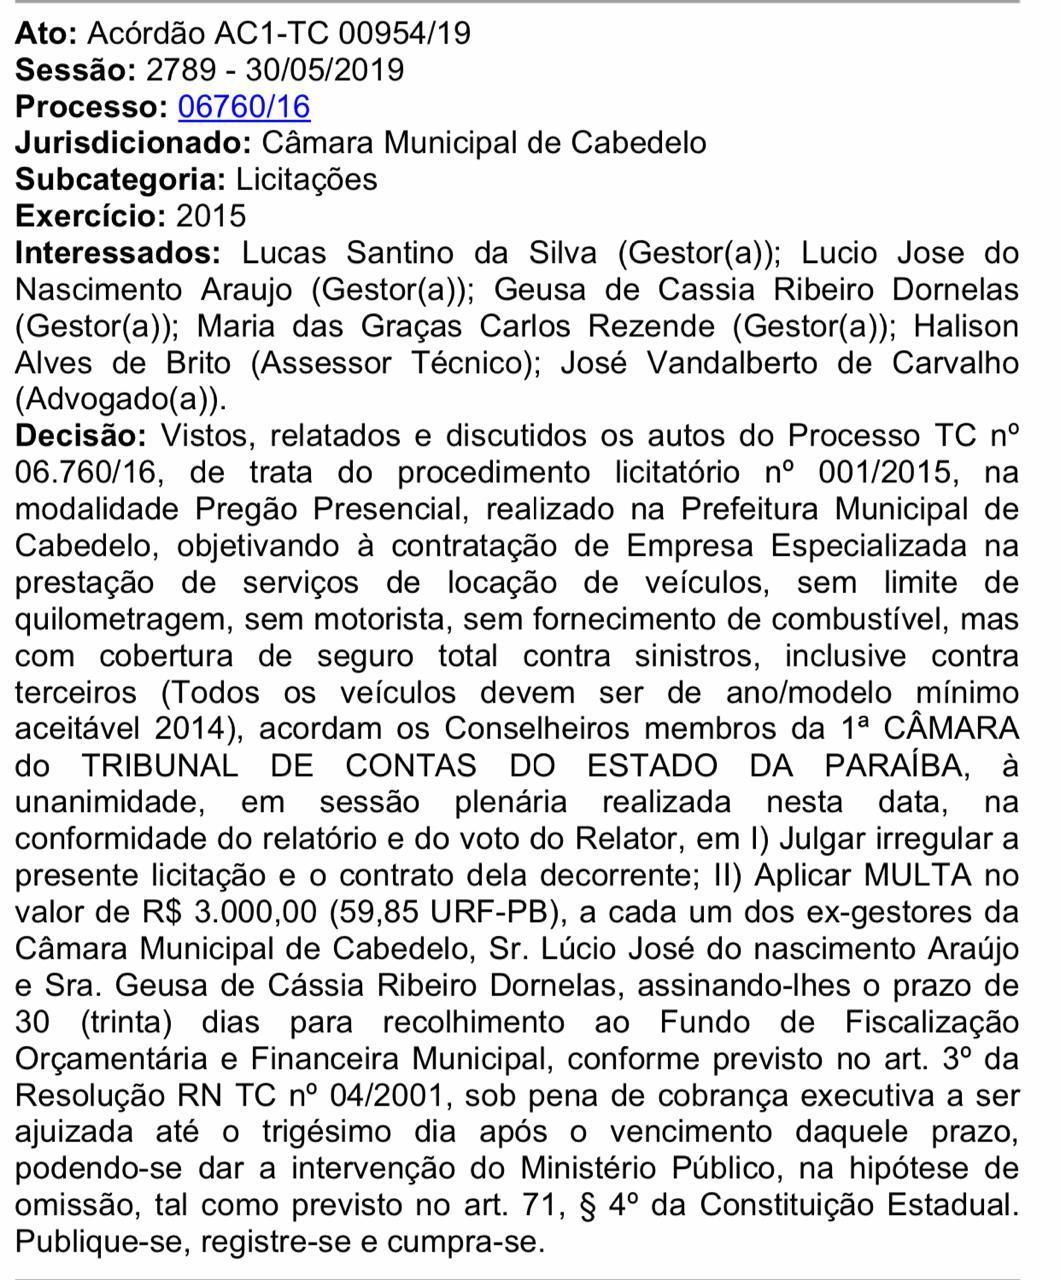 a61a1c0d 393a 4cbf aa9b 49ea335e2e33 - IRREGULARIDADES: TCE-PB encontra erros em licitação para locação de veículos em Cabedelo e multa ex-gestores da Câmara Municipal